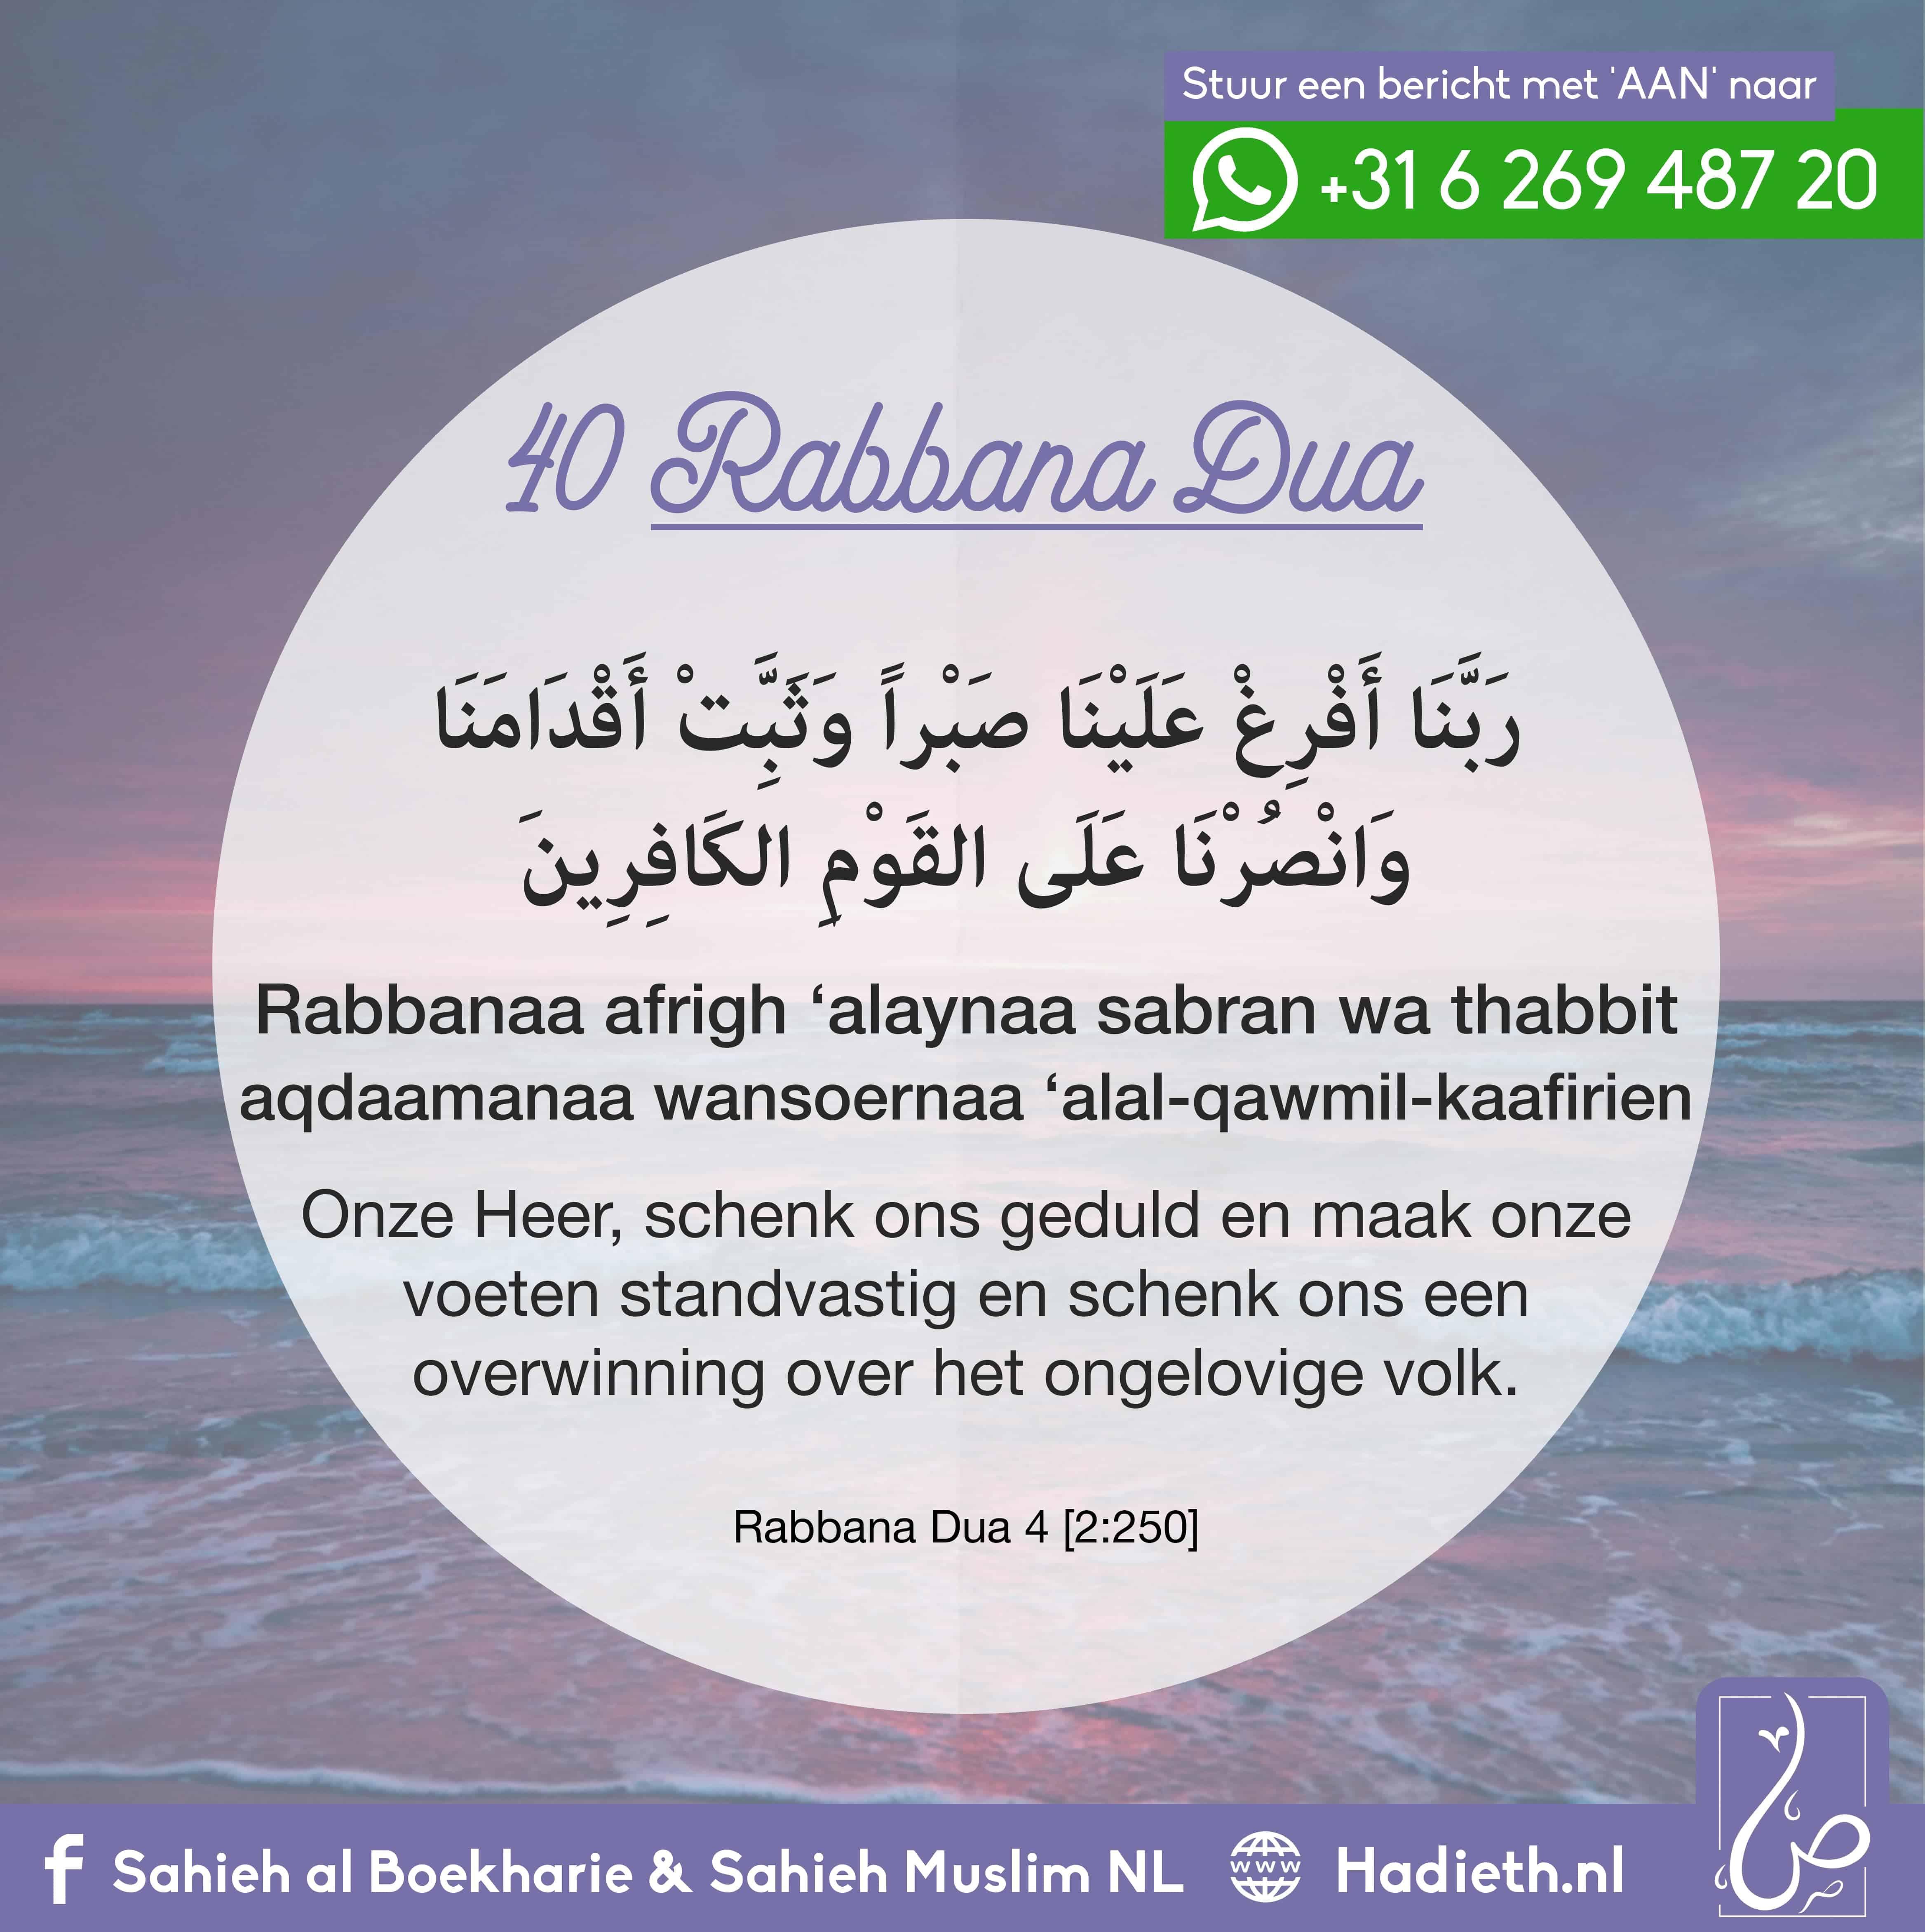 Rabbana Dua 4